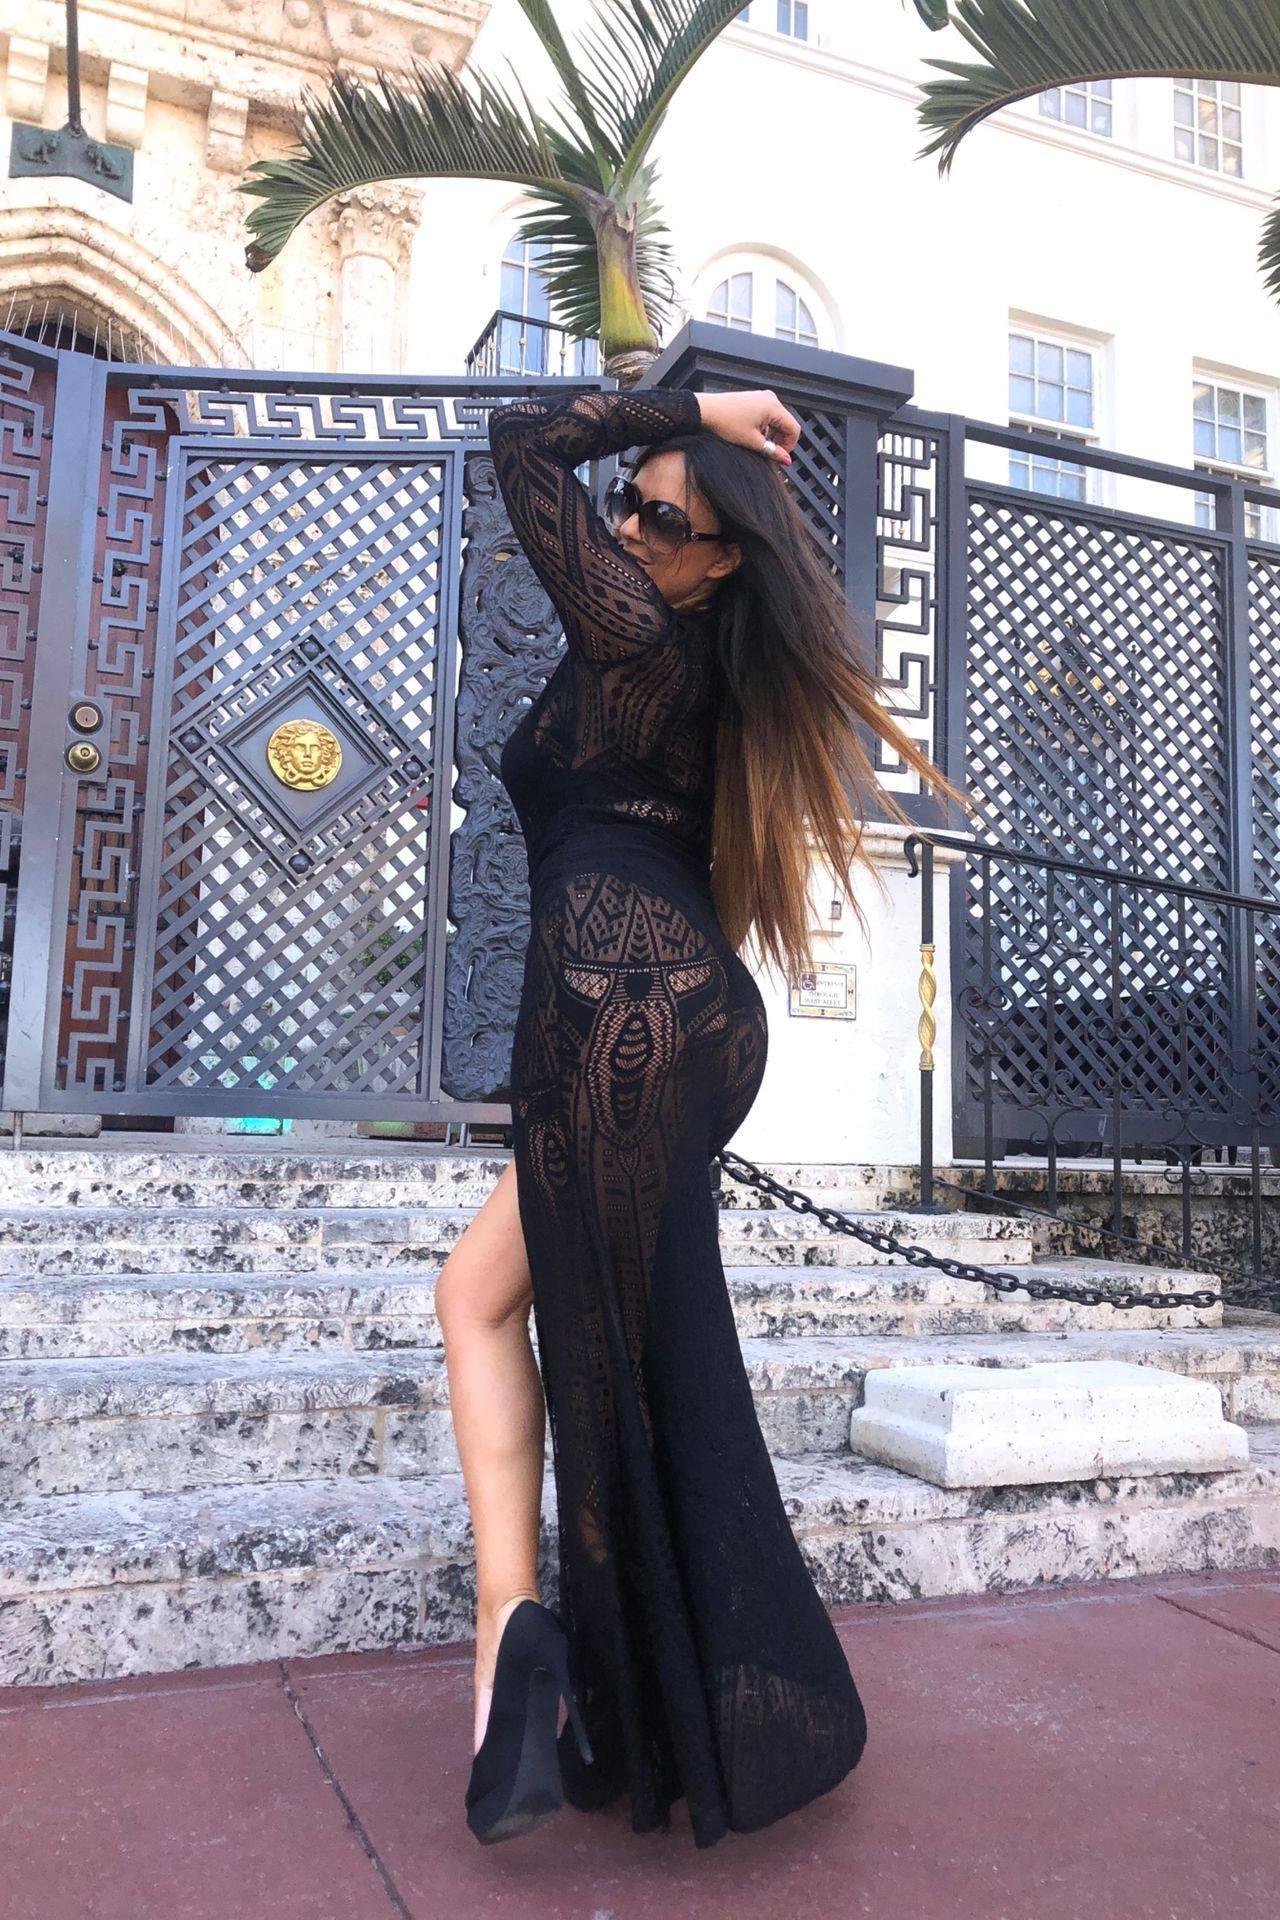 Claudia Romani – Sexy Legs And Big Boobs In Beautiful Black Dress 0006